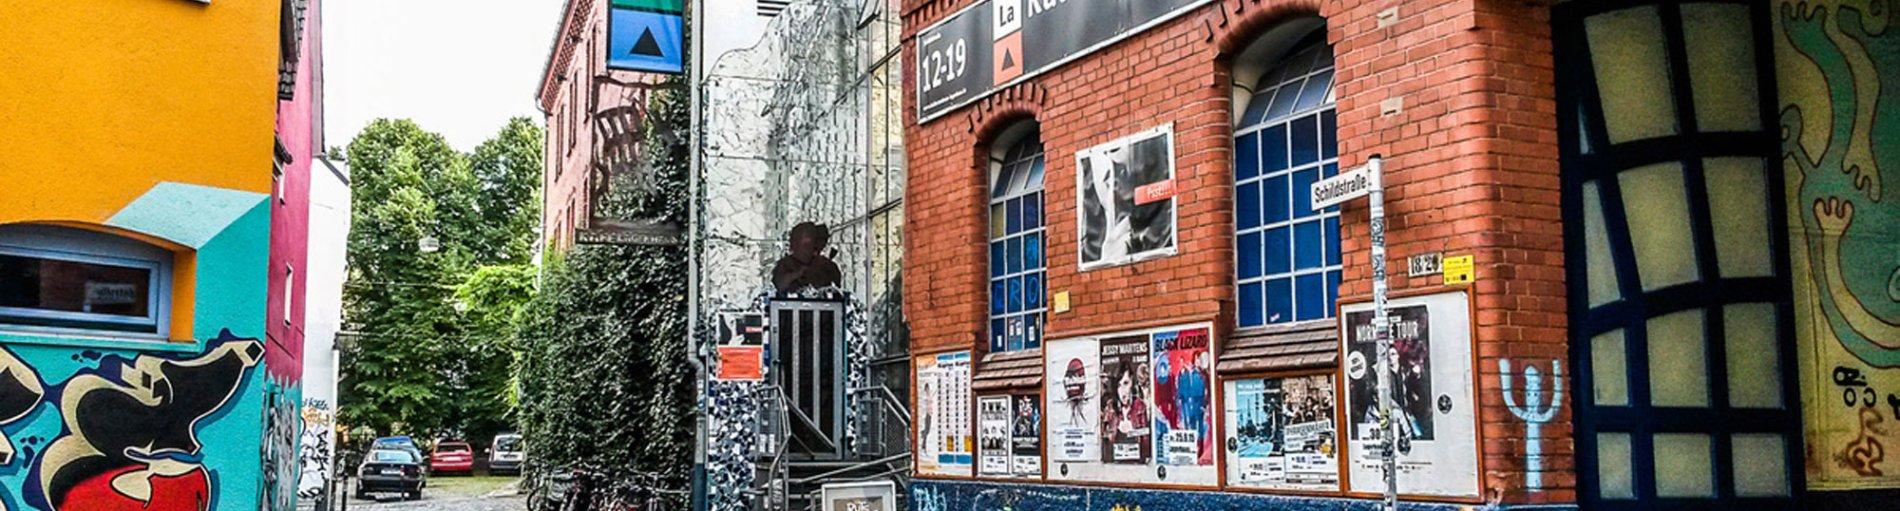 Backsteinfassade eines Hauses, bunt beklebt mit Plakaten.